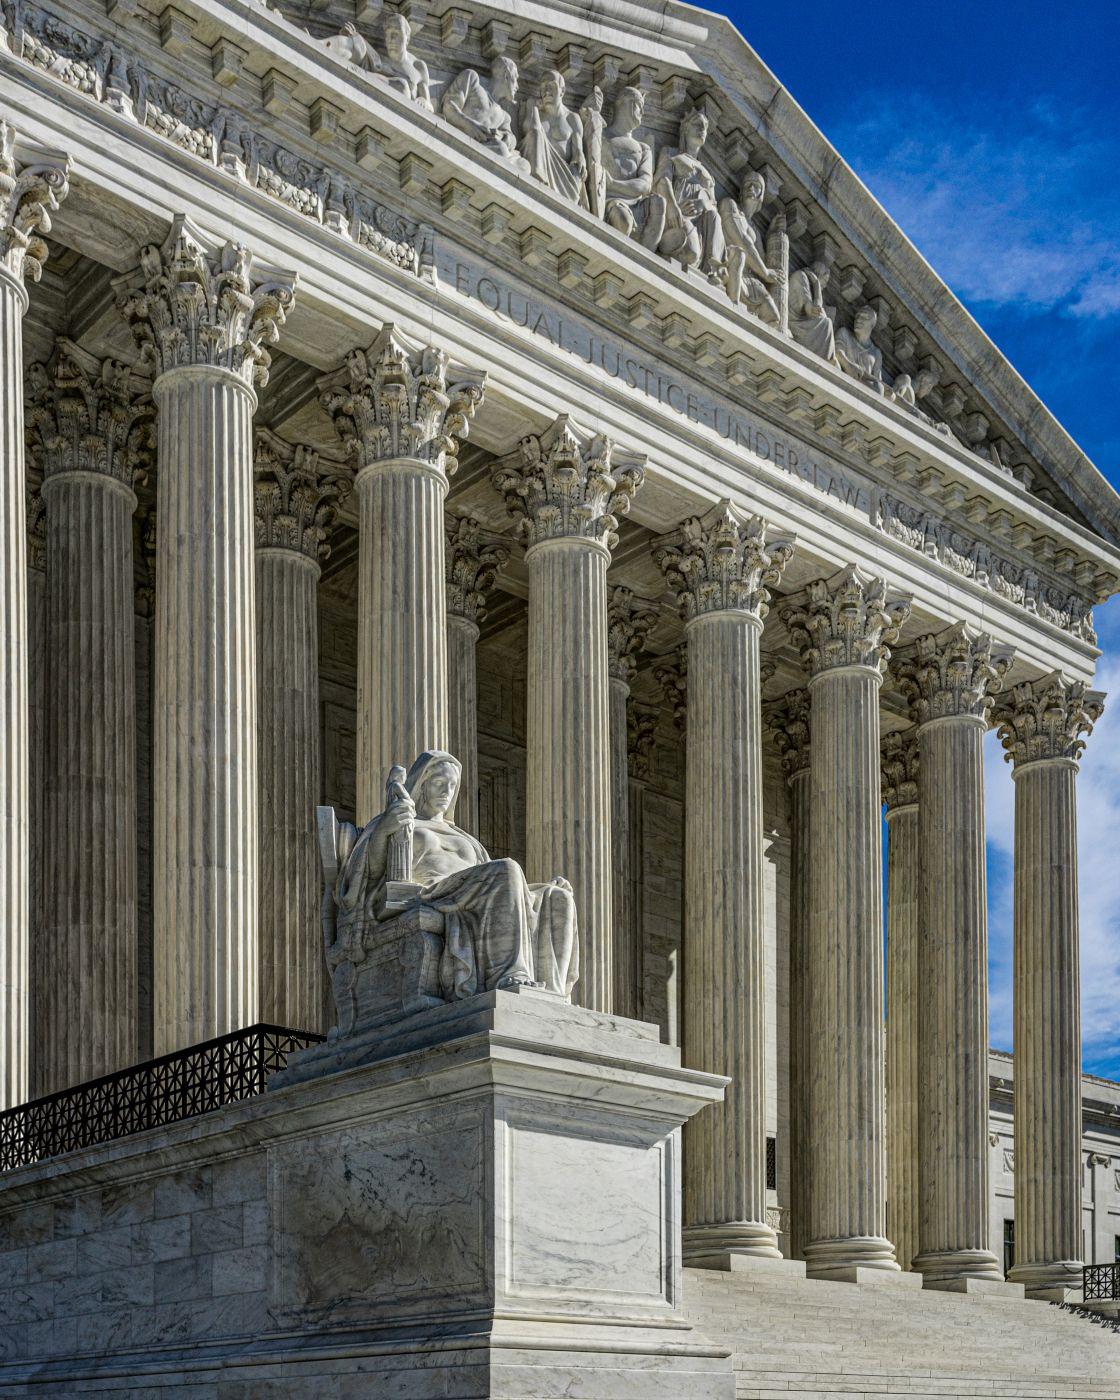 United States Supreme Court, USA